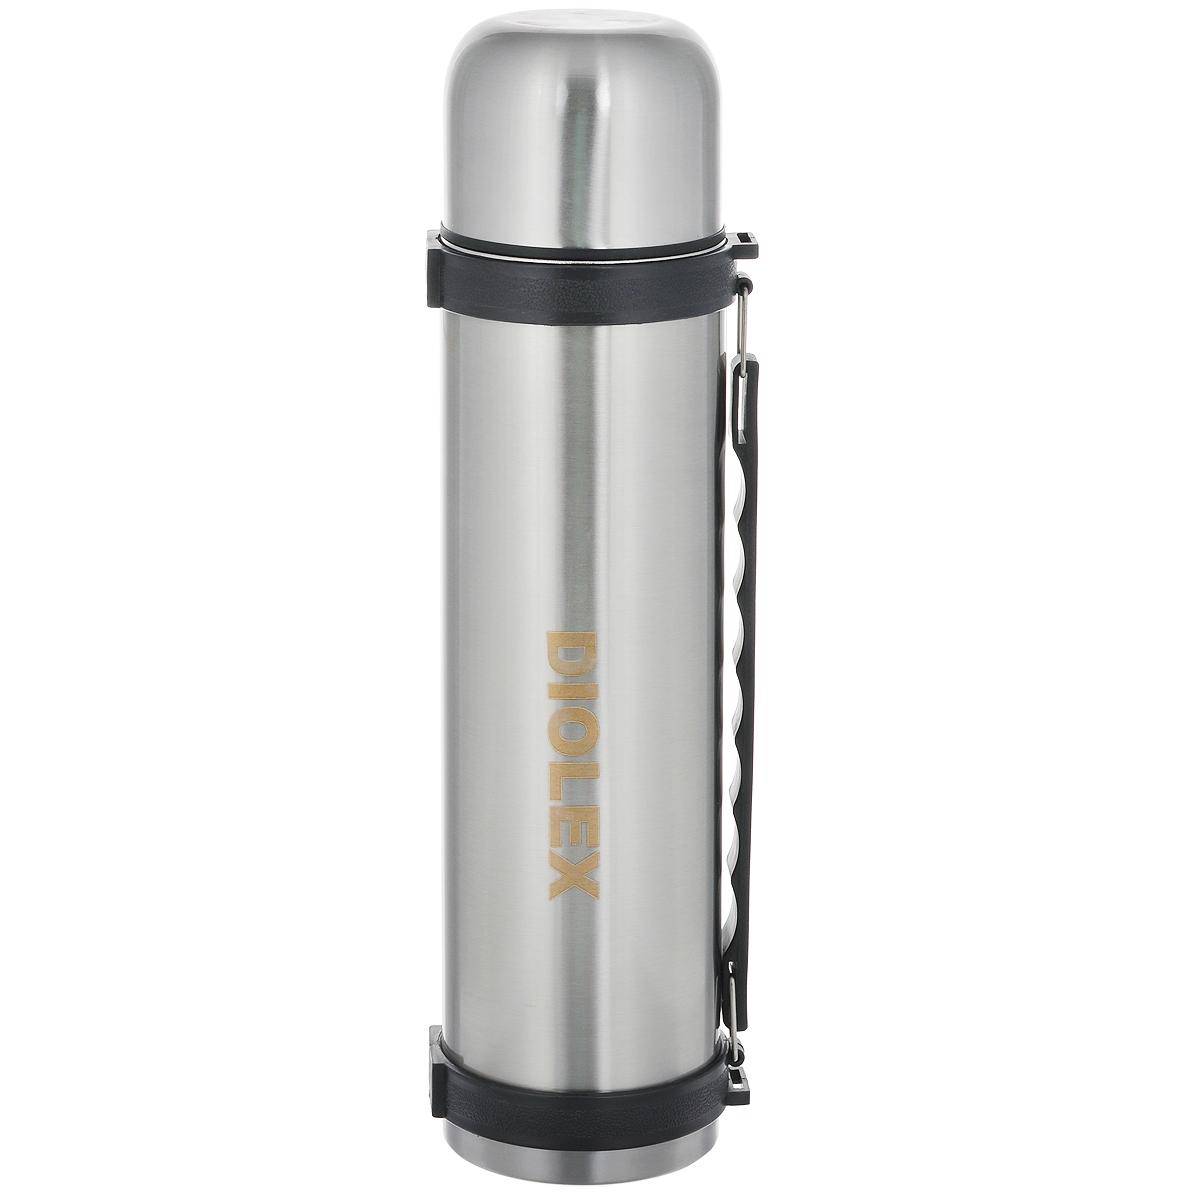 Термос Diolex, 1,5 лDXТ-1500-1Термос вакуумный Diolex с узким горлом изготовлен из высококачественной нержавеющей стали и предназначен для хранения горячих и холодных напитков (чая, кофе) и укомплектован пробкой с кнопкой. Такая пробка надежна, проста в использовании. Благодаря двойной колбе термос сохраняет напитки горячими до 12 часов и холодными до 24 часов. Изделие также оснащено крышкой-чашкой, откидной ручкой и ремешком для транспортировки.